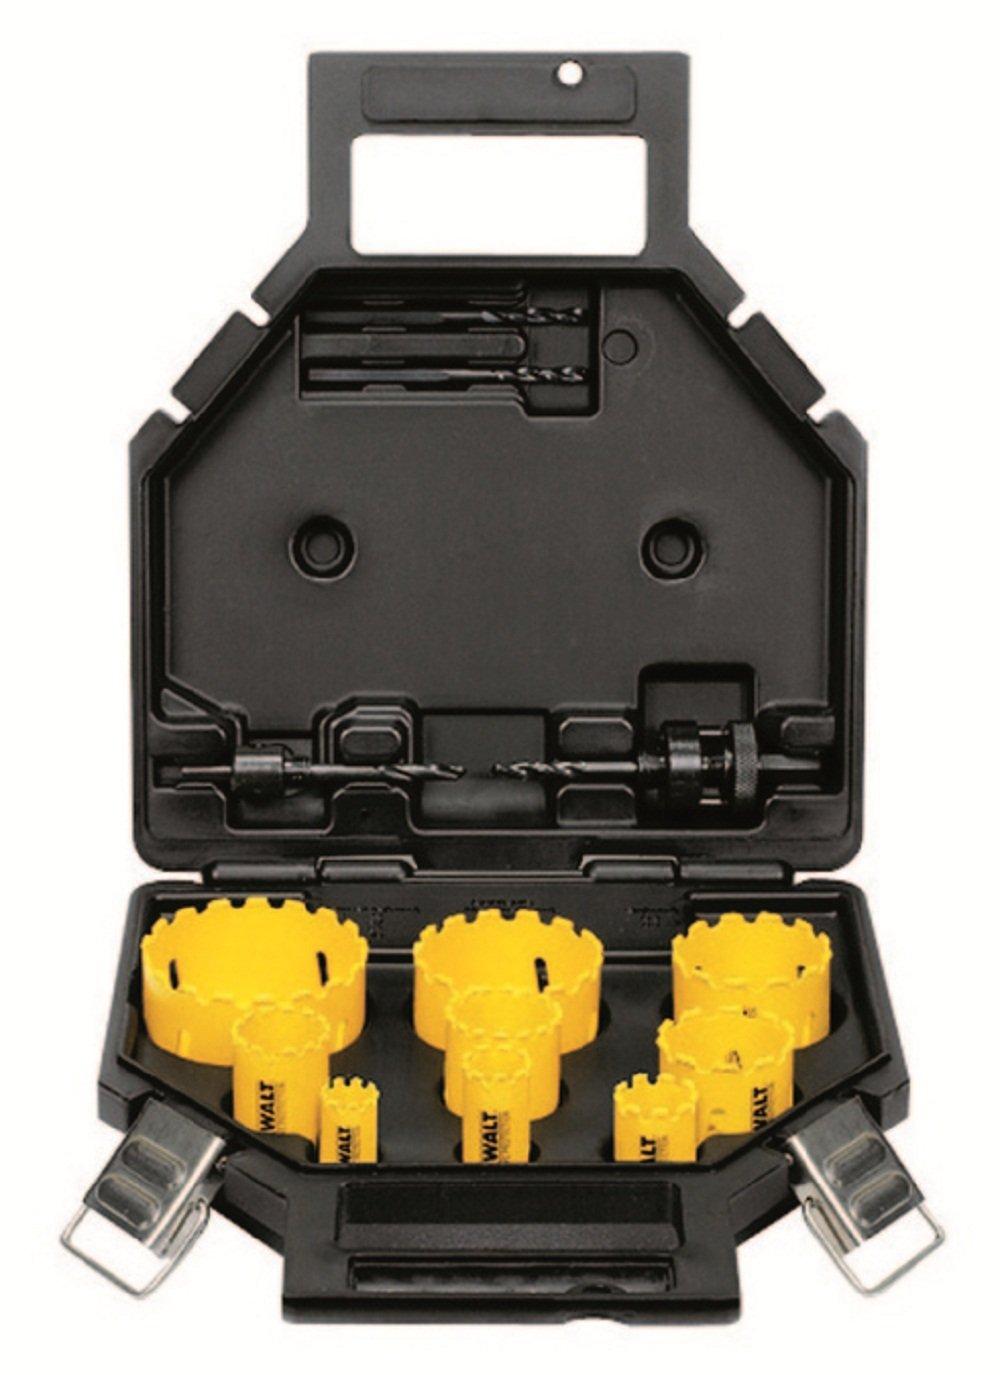 para fontaneros en malet/ín 13 Piezas Dewalt Juego de Coronas de Metal Duro DT8278-QZ-